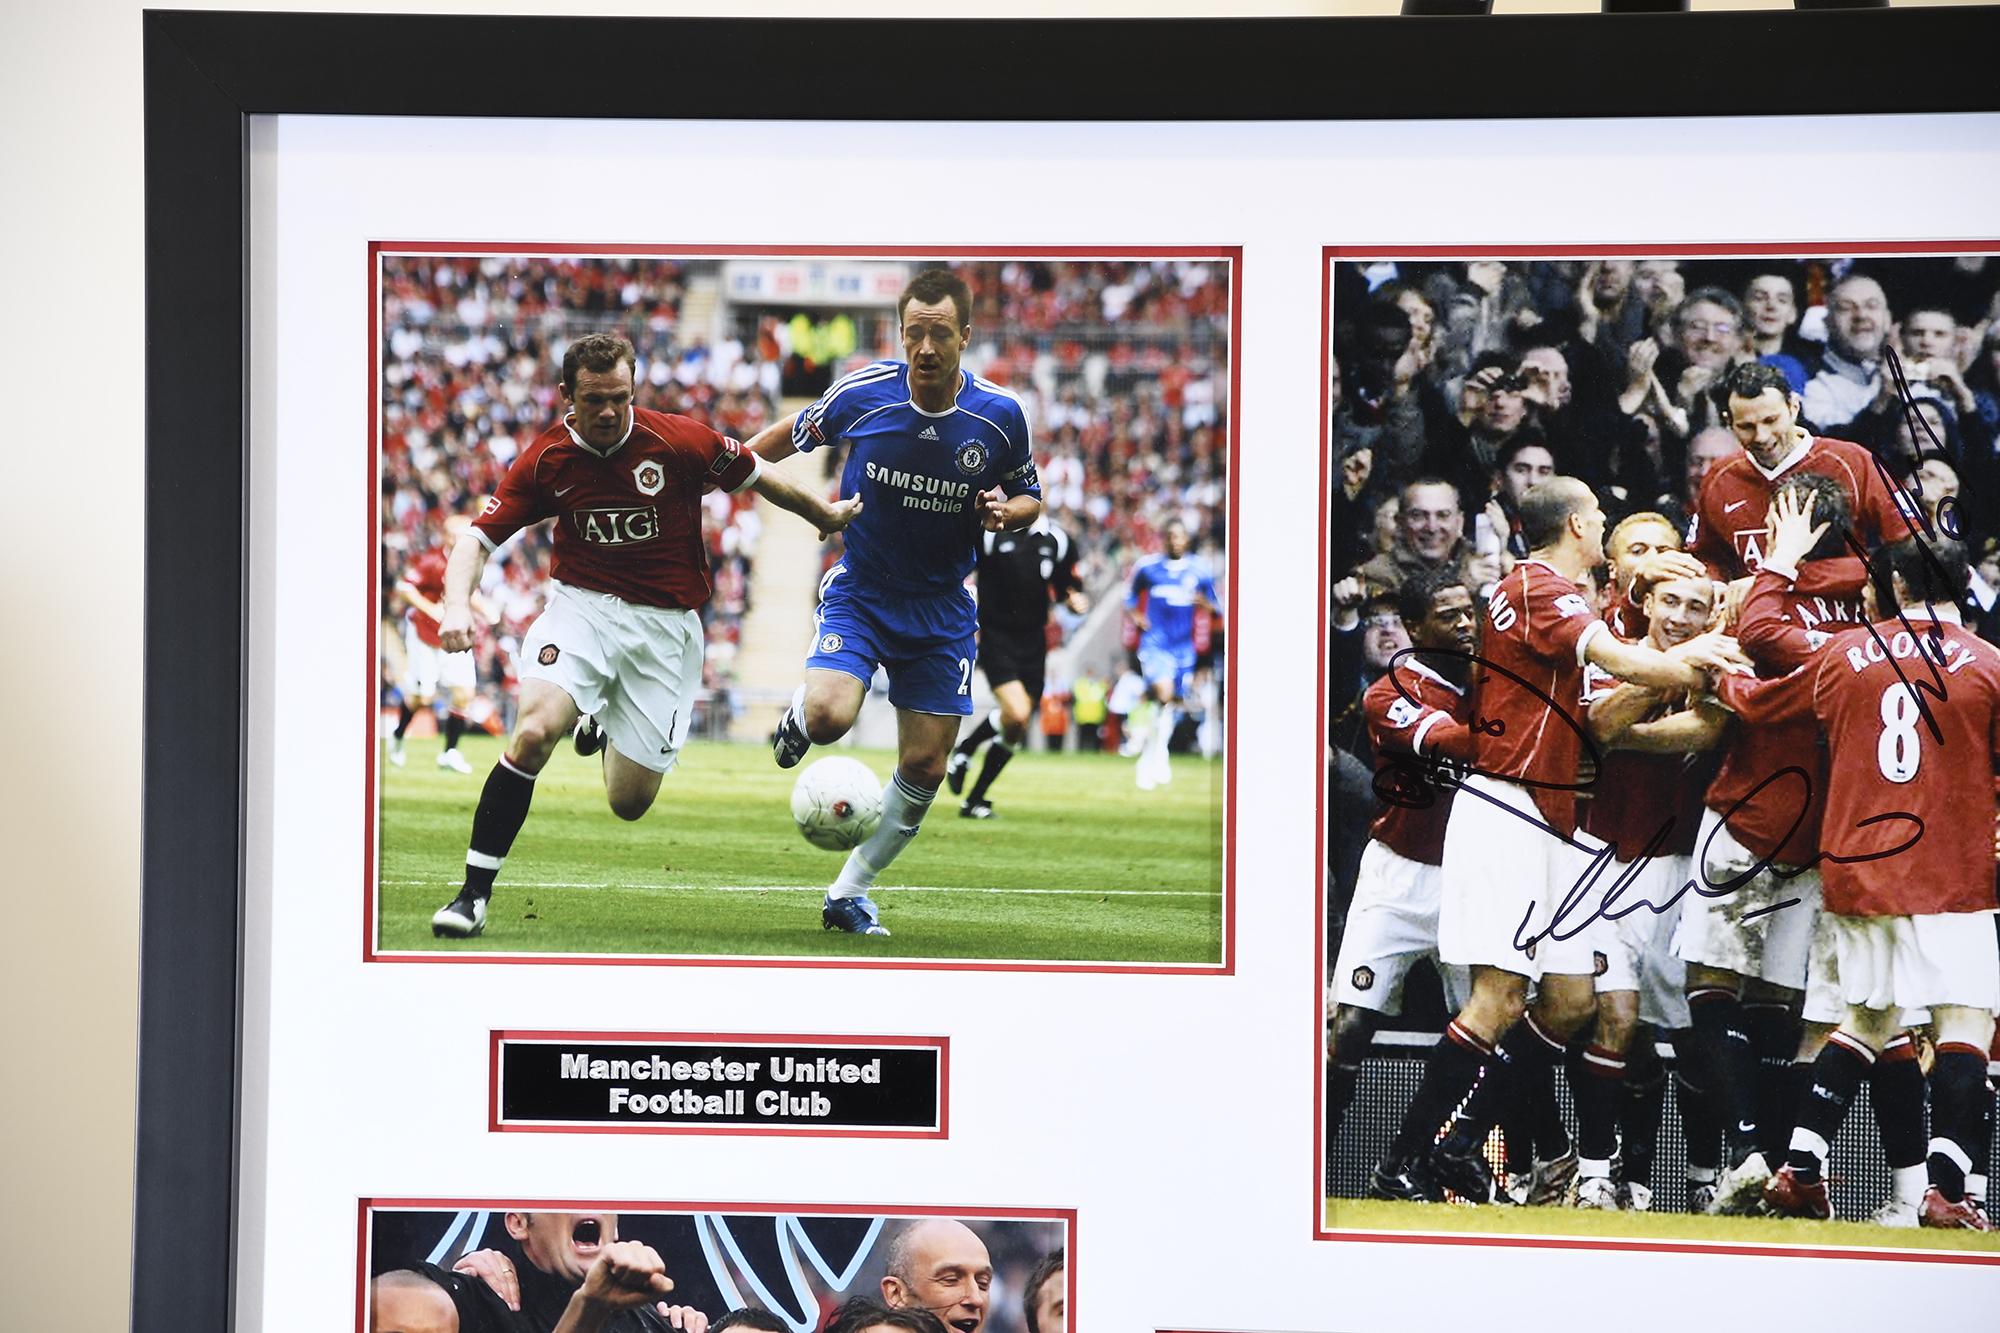 Man Utd Triple Signed Photo Presentation - Image 3 of 5